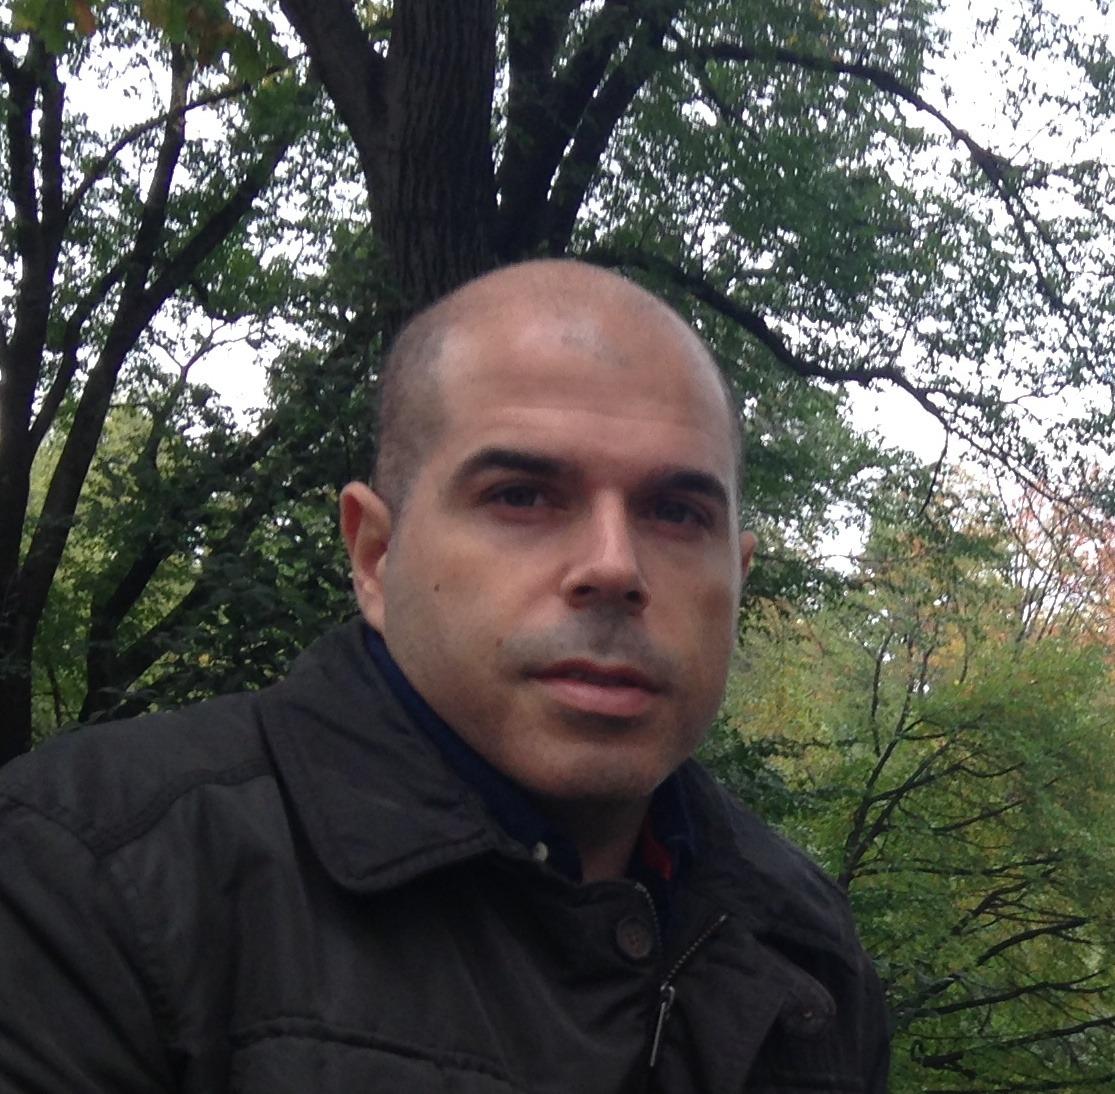 Cursos de inmersión en inglés - Cursos de inmersión lingüistica en inglés de Juan Francisco Samino - Elche